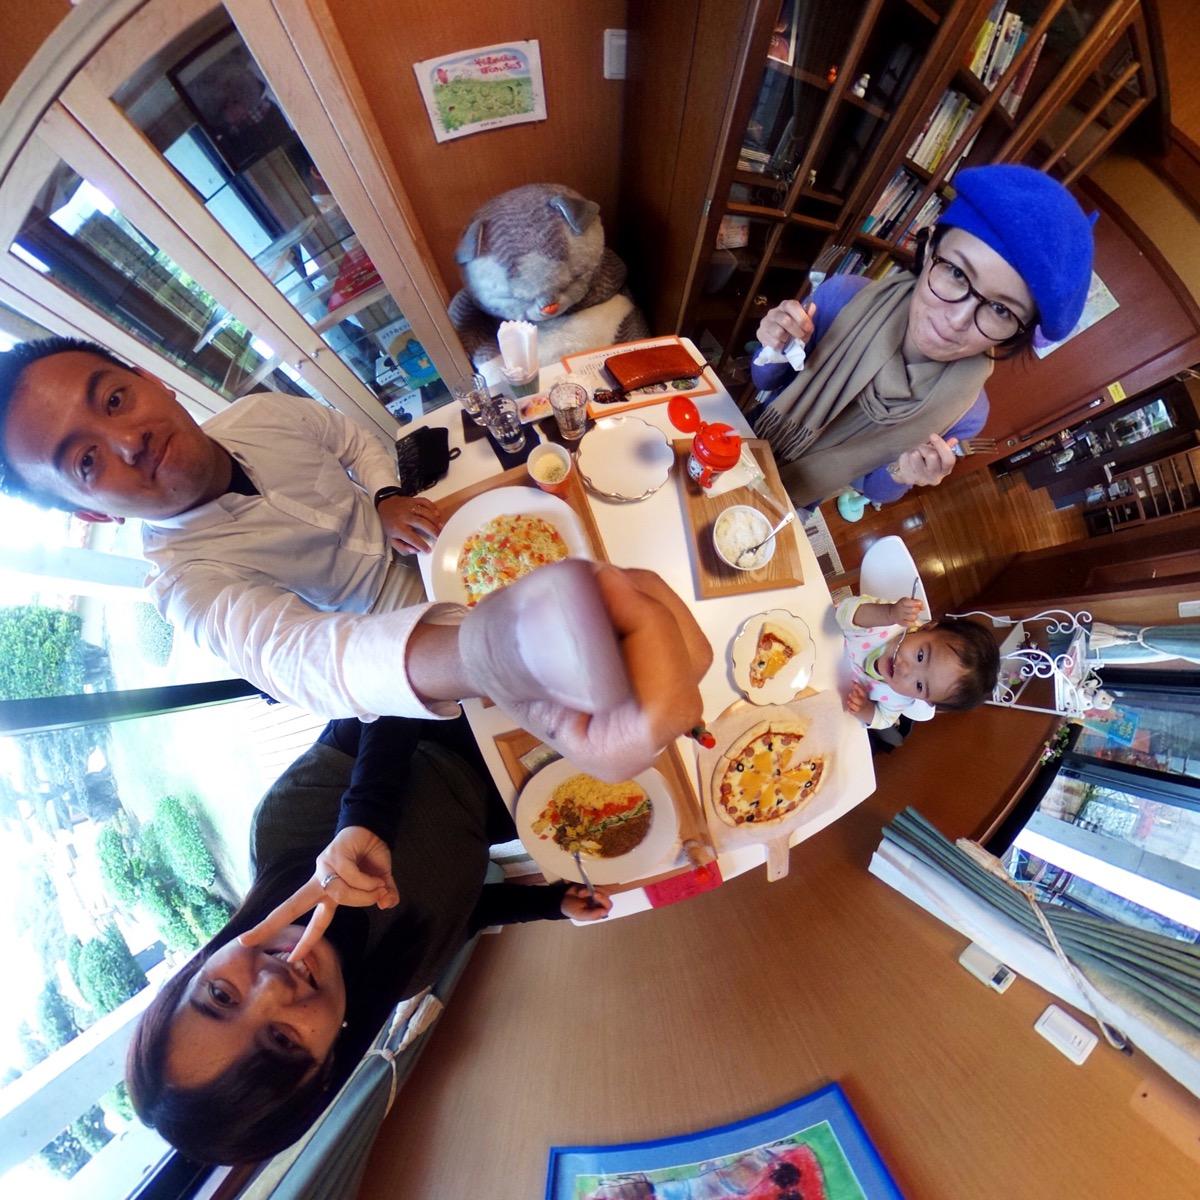 リアルランボー塾 in 沖縄を開催しました。マンゴーカフェが最高すぎ